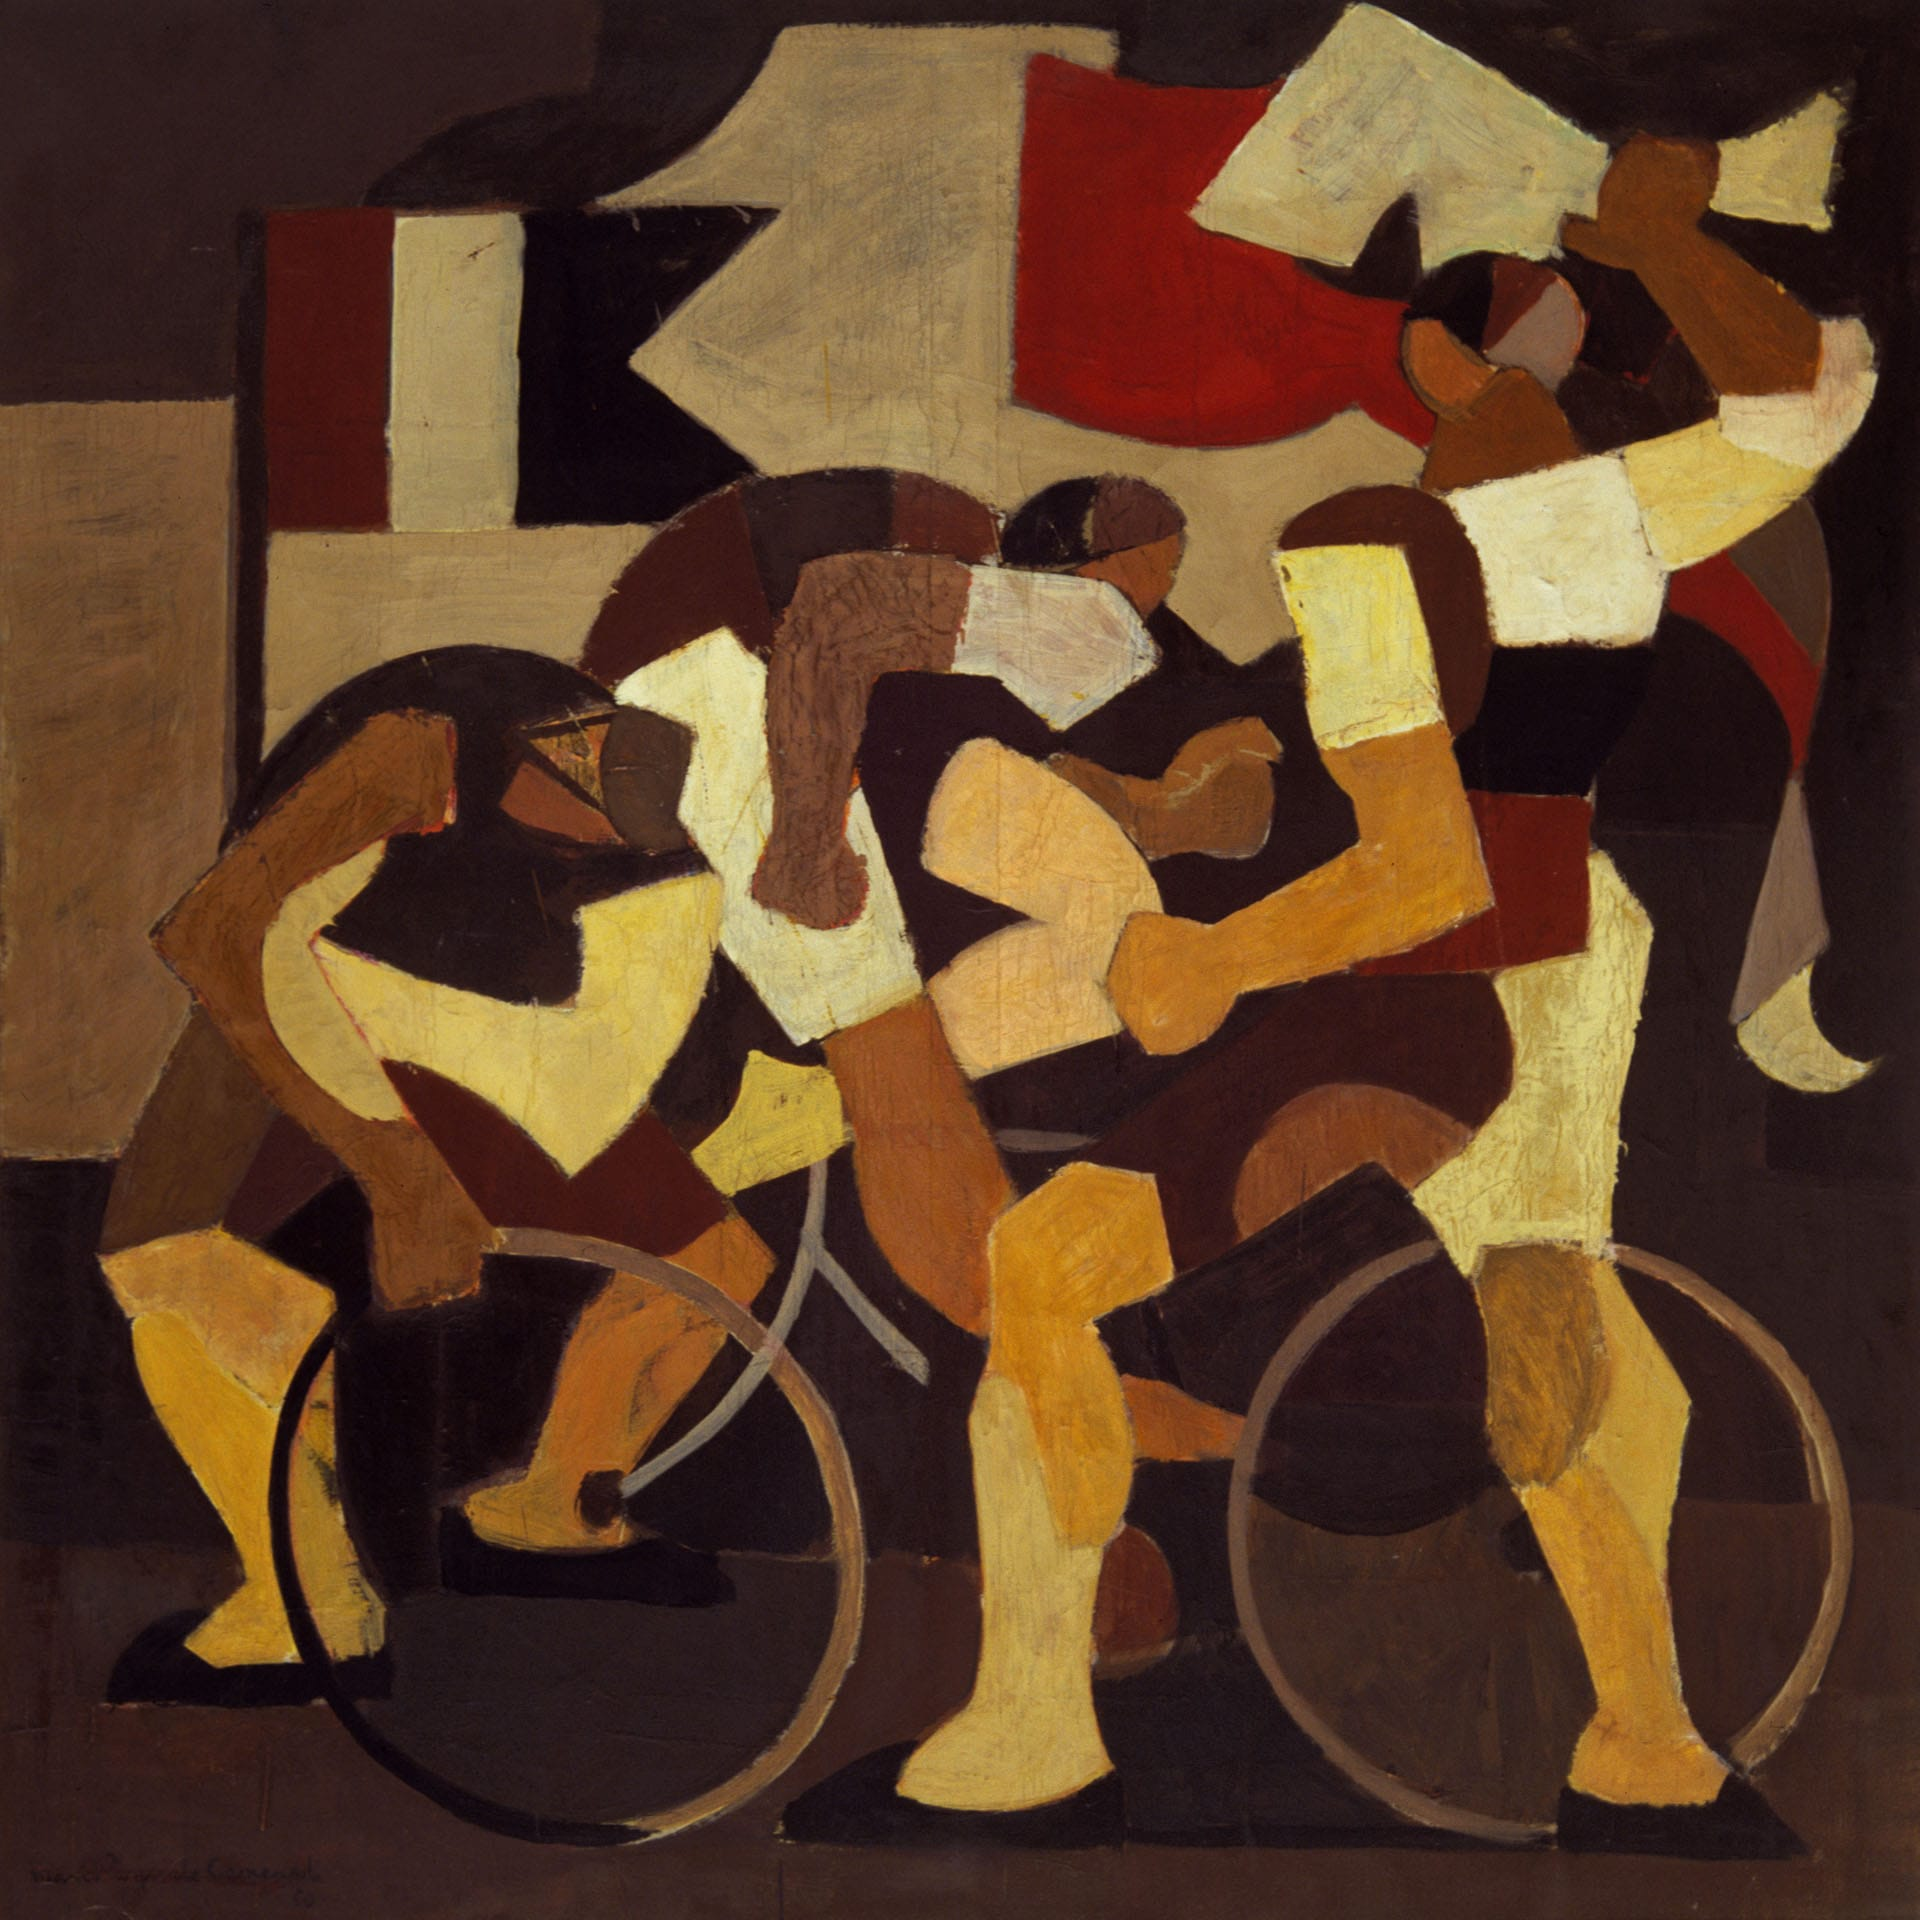 Die Radfahrer I